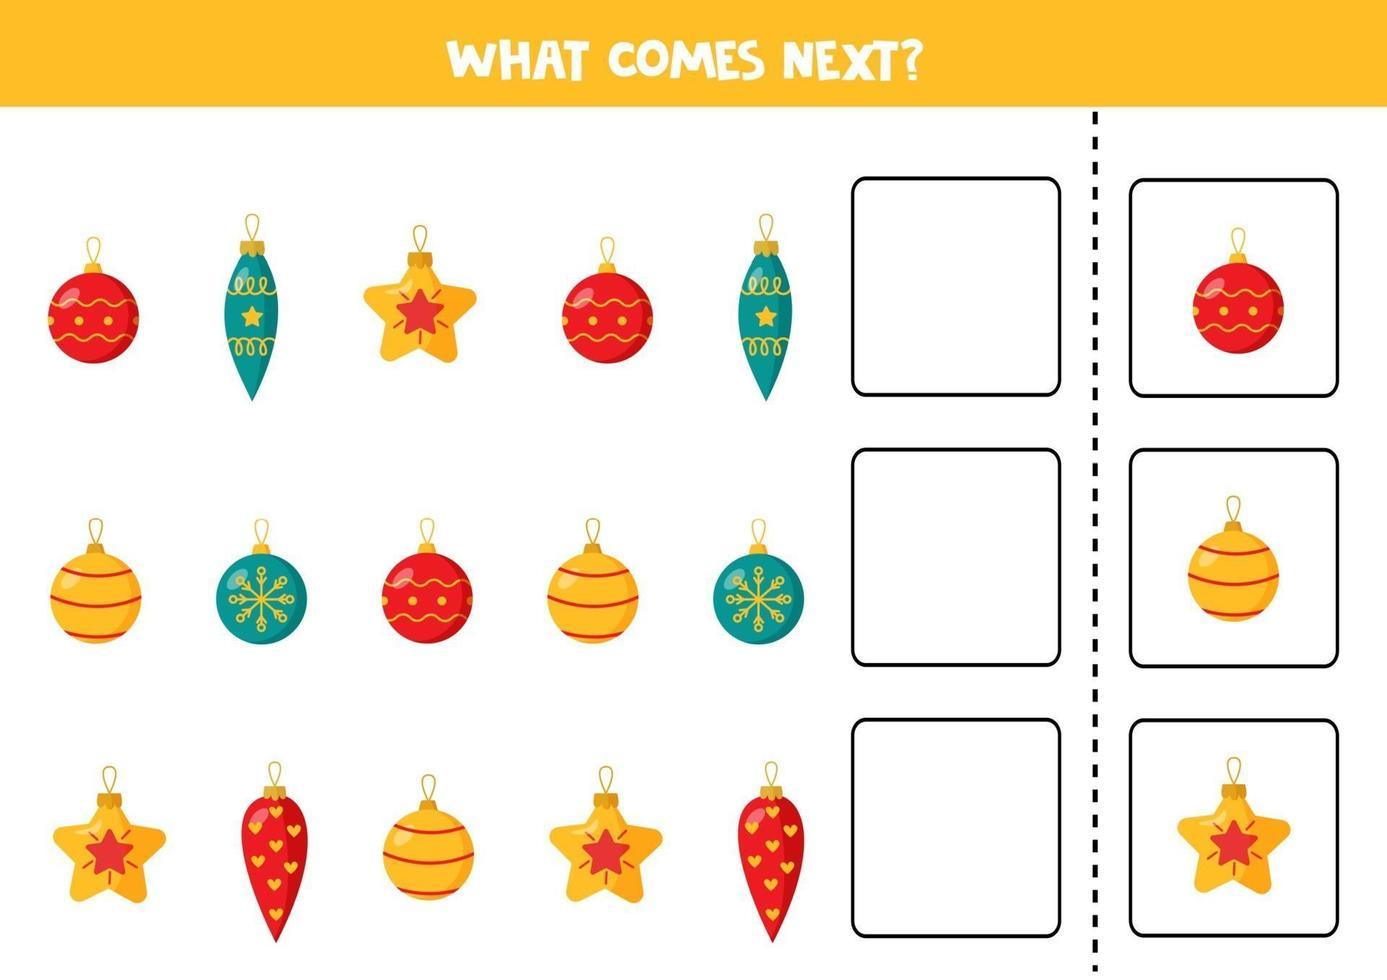 ce qui vient ensuite avec les boules de Noël. continuer la séquence. vecteur